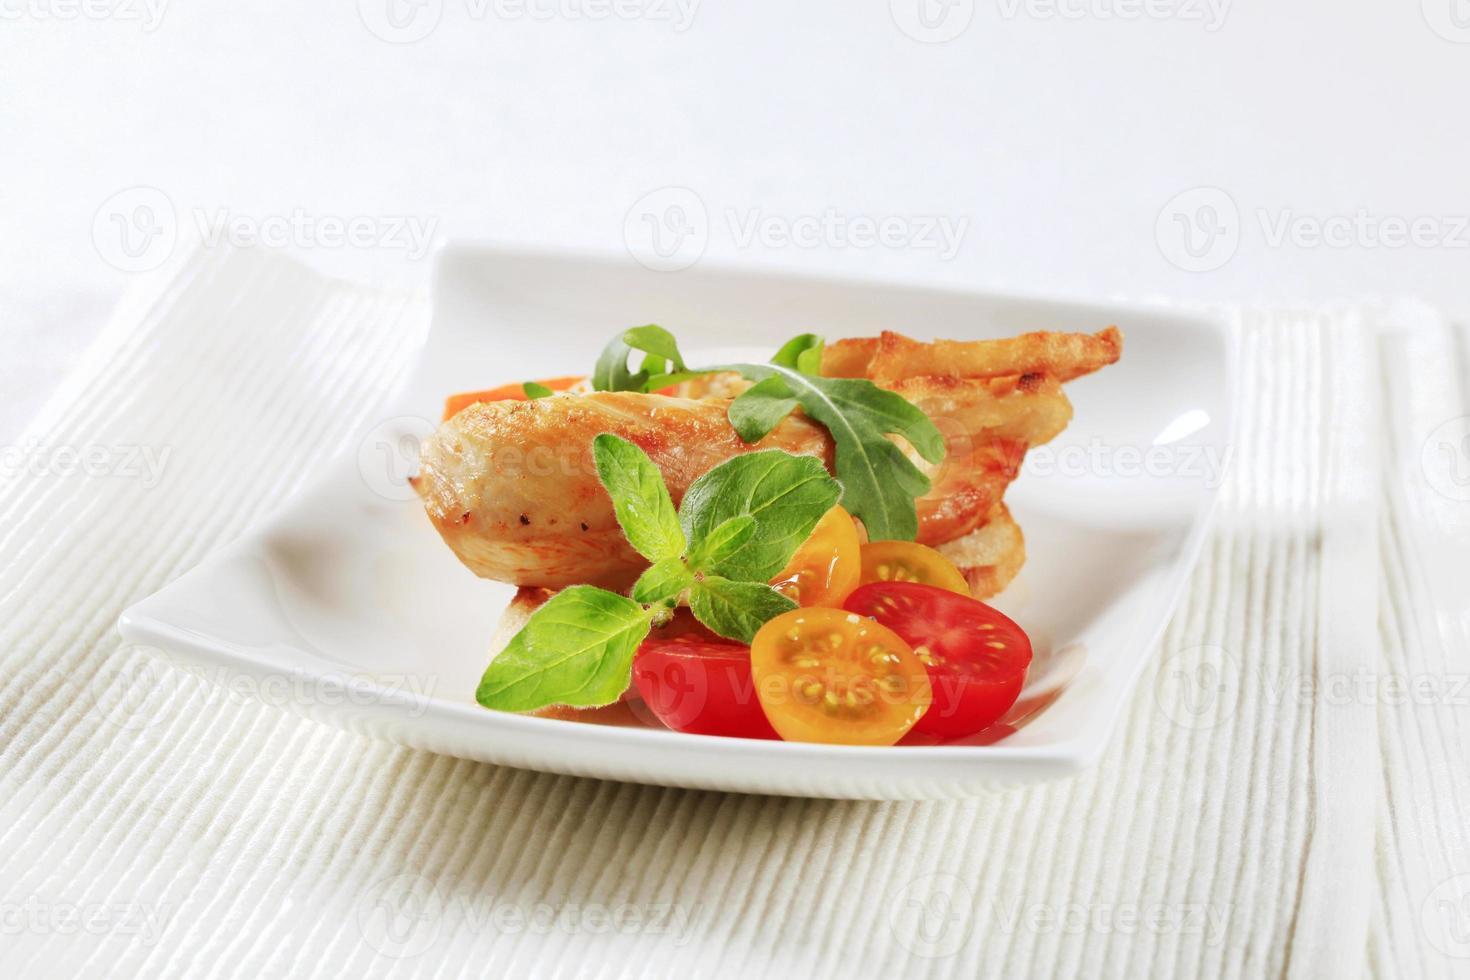 viande de poulet et pain croustillant photo